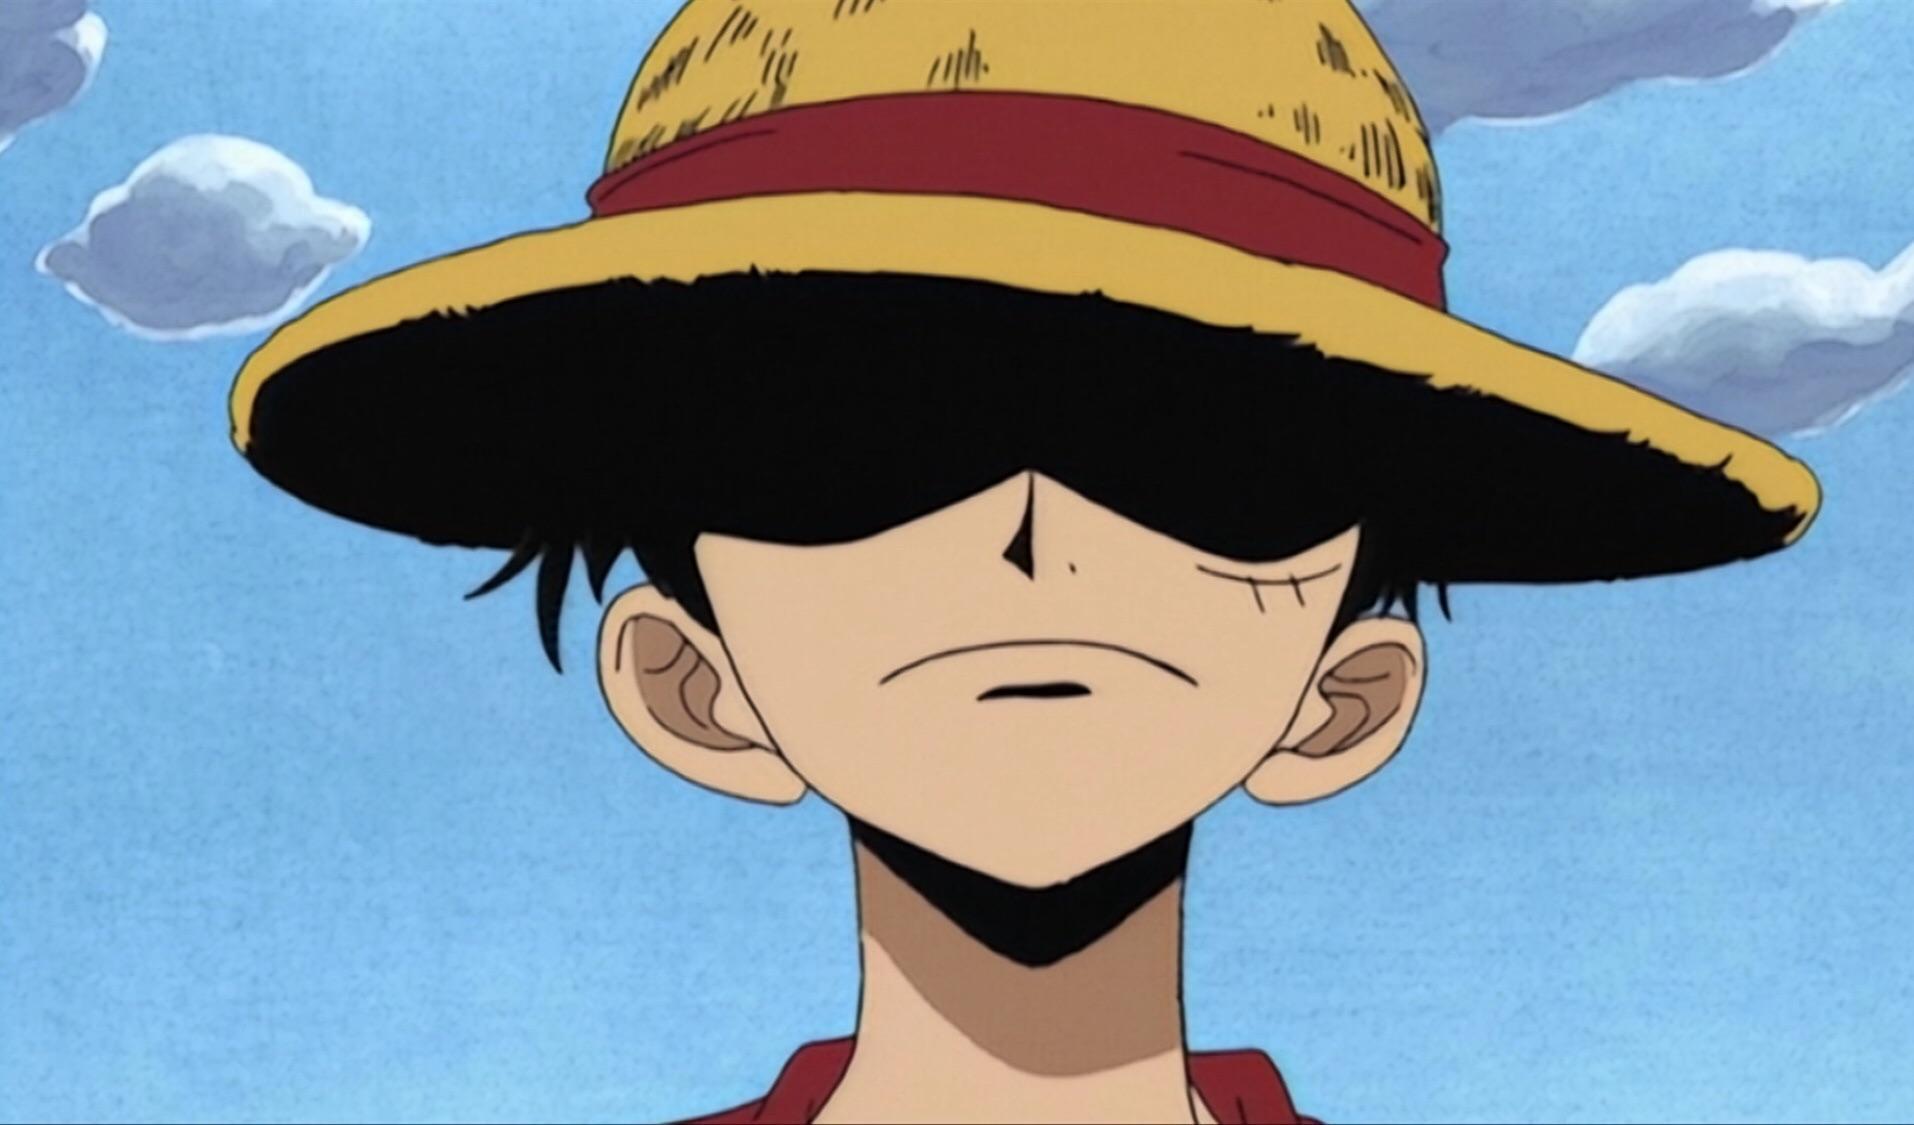 Hình ảnh Luffy với vành mũ rơm che khuất mắt